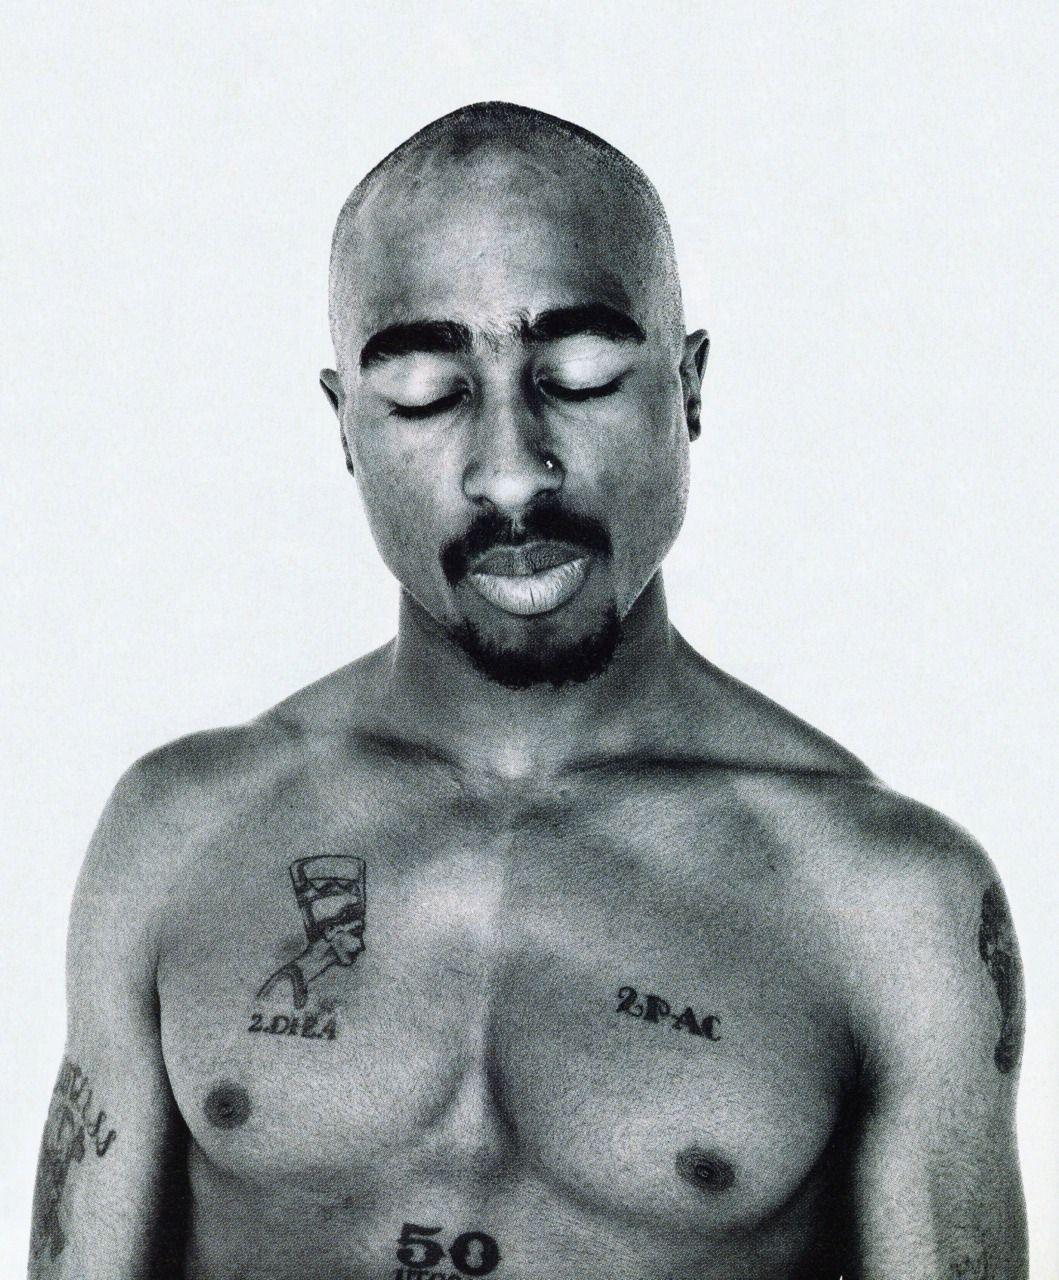 Queen Nefertiti Tattoo Meaning : queen, nefertiti, tattoo, meaning, Tupac's, Tattoos, Famous,, Meanings, Behind, Tattoo